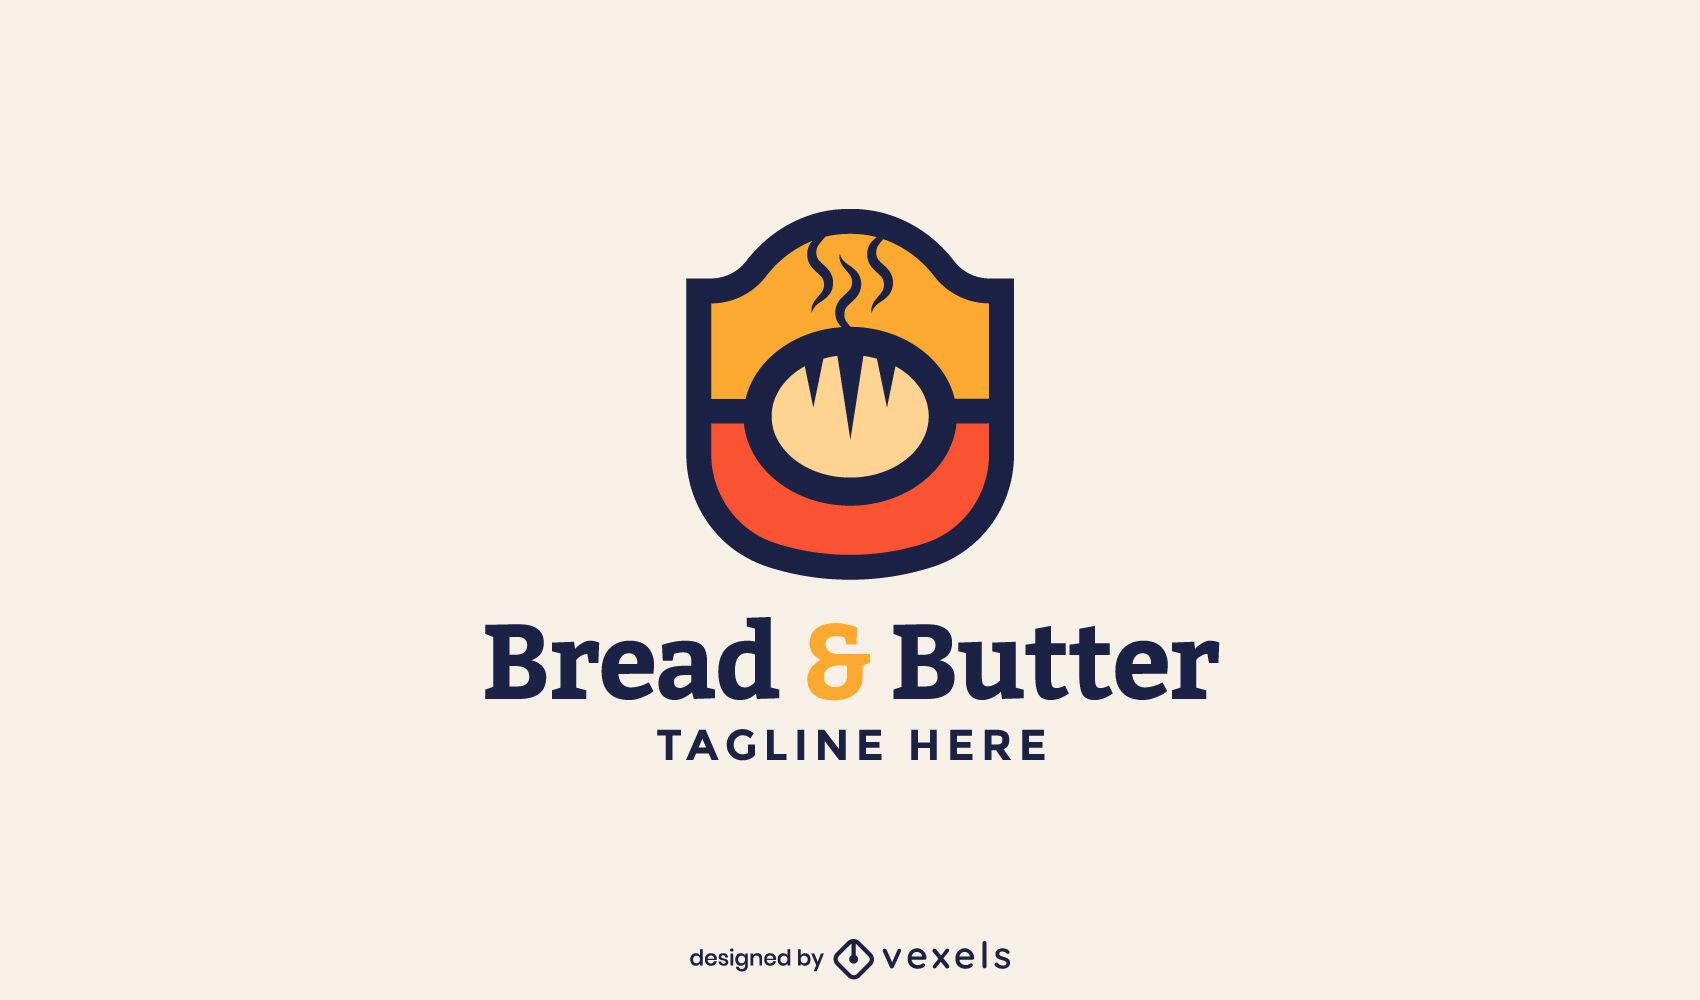 Bread bakery logo full branding kit